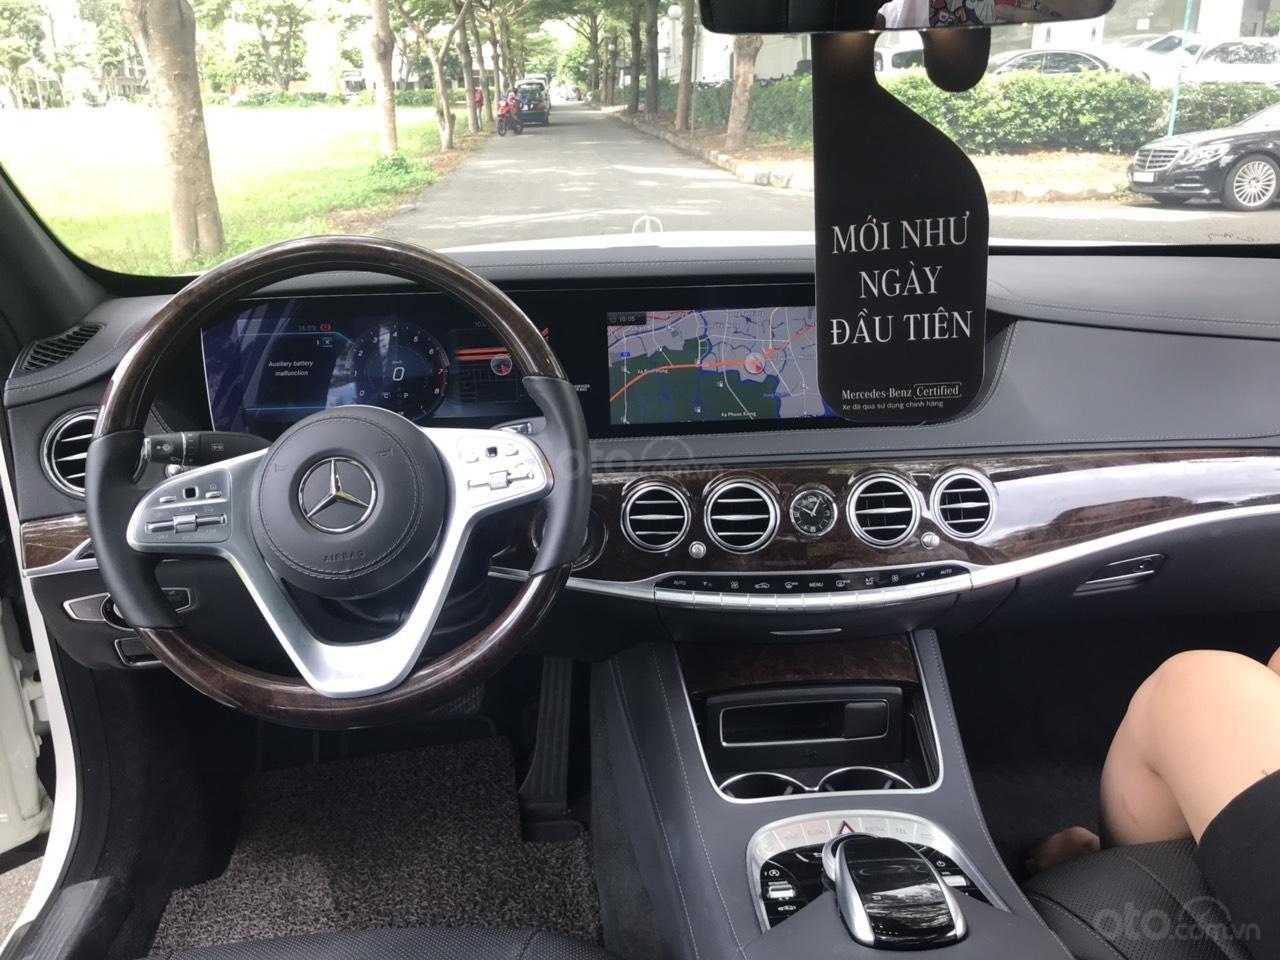 Cần bán Mercedes S450 2017, màu trắng siêu lướt chính hãng còn 3 năm bảo hành (4)